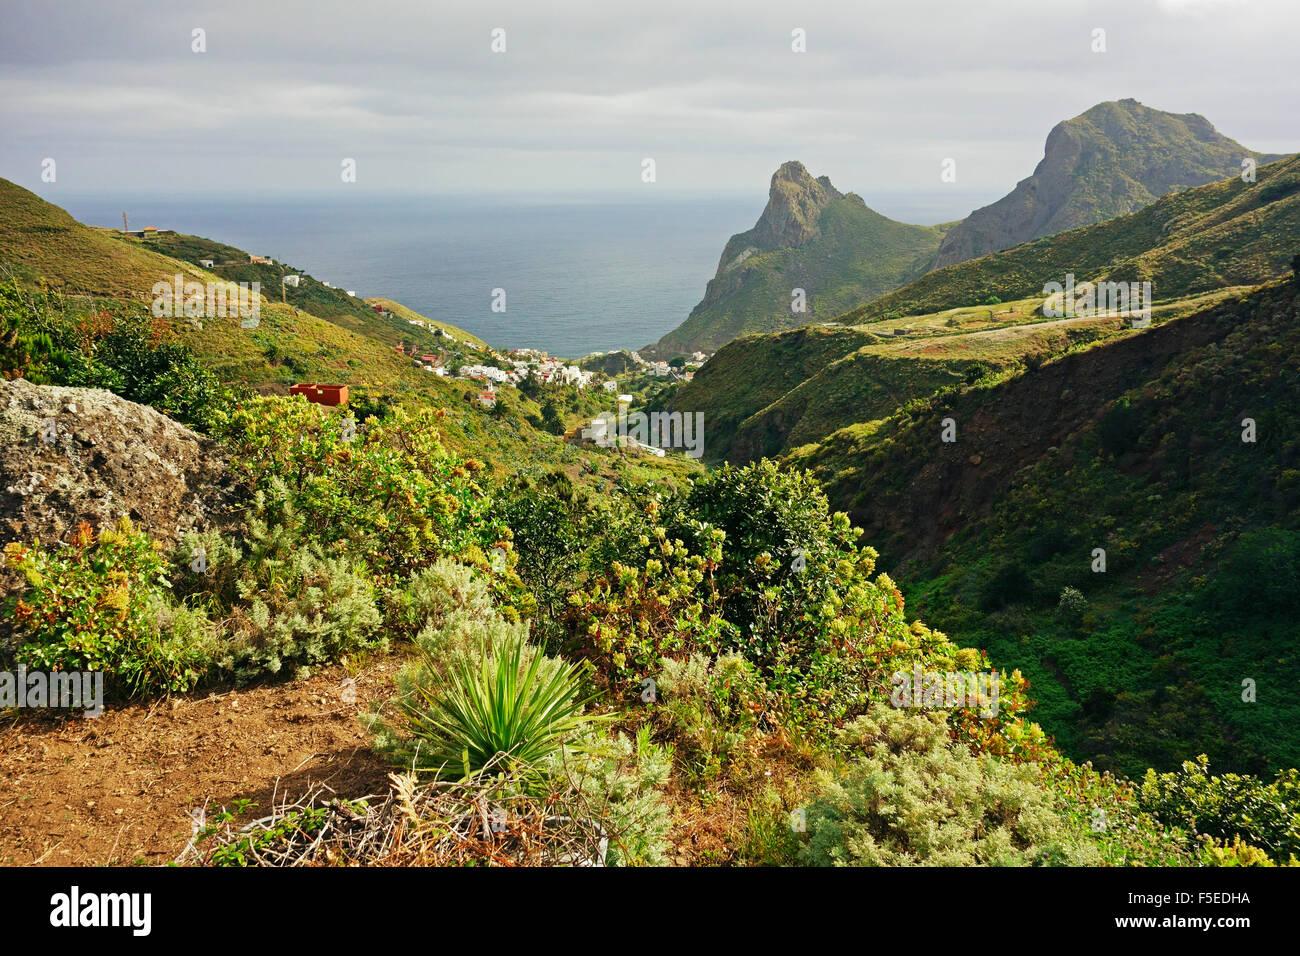 Aldea de Taganana, las montañas de Anaga, Tenerife, Islas Canarias, Atlántico, Europa Imagen De Stock